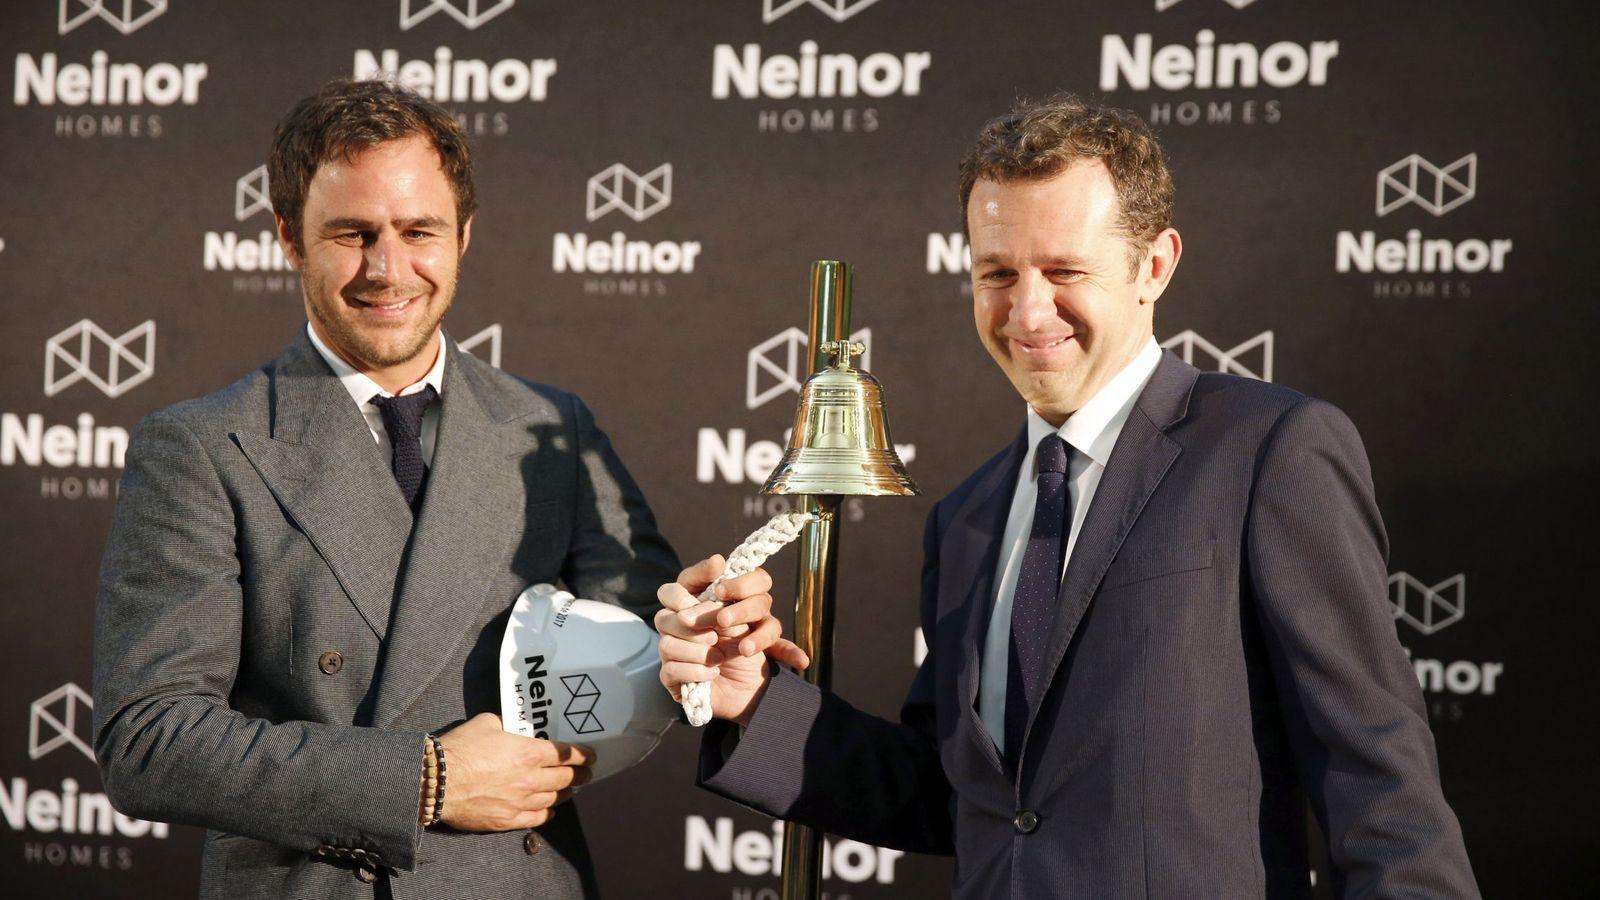 Foto: Juan Pepa, responsable de Lone Star en España, y Juan Velayo, consejero delegado de Neinor, dan el toque de campana